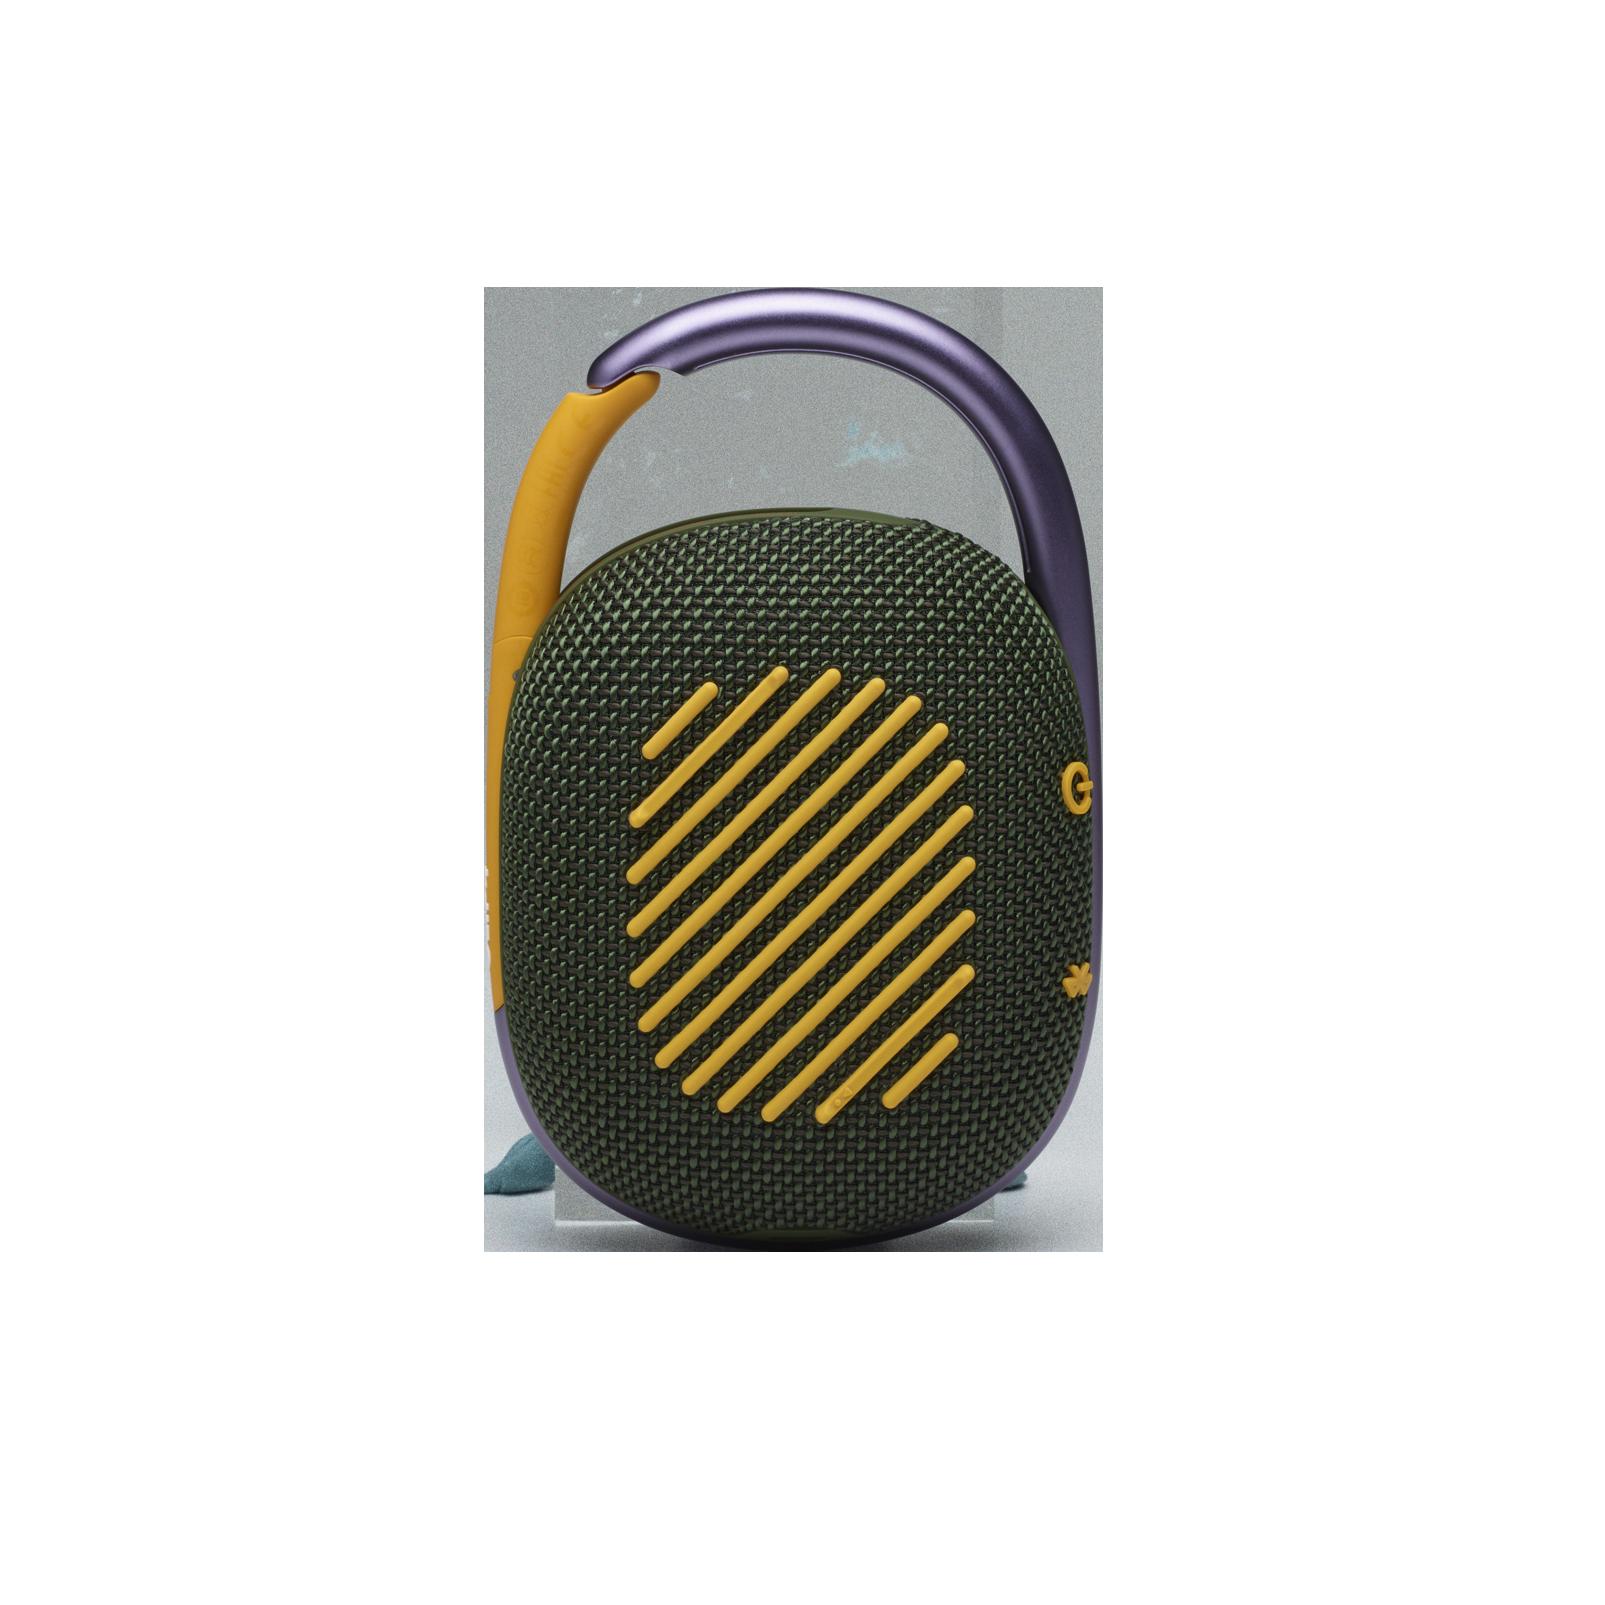 JBL CLIP 4 - Green - Ultra-portable Waterproof Speaker - Back